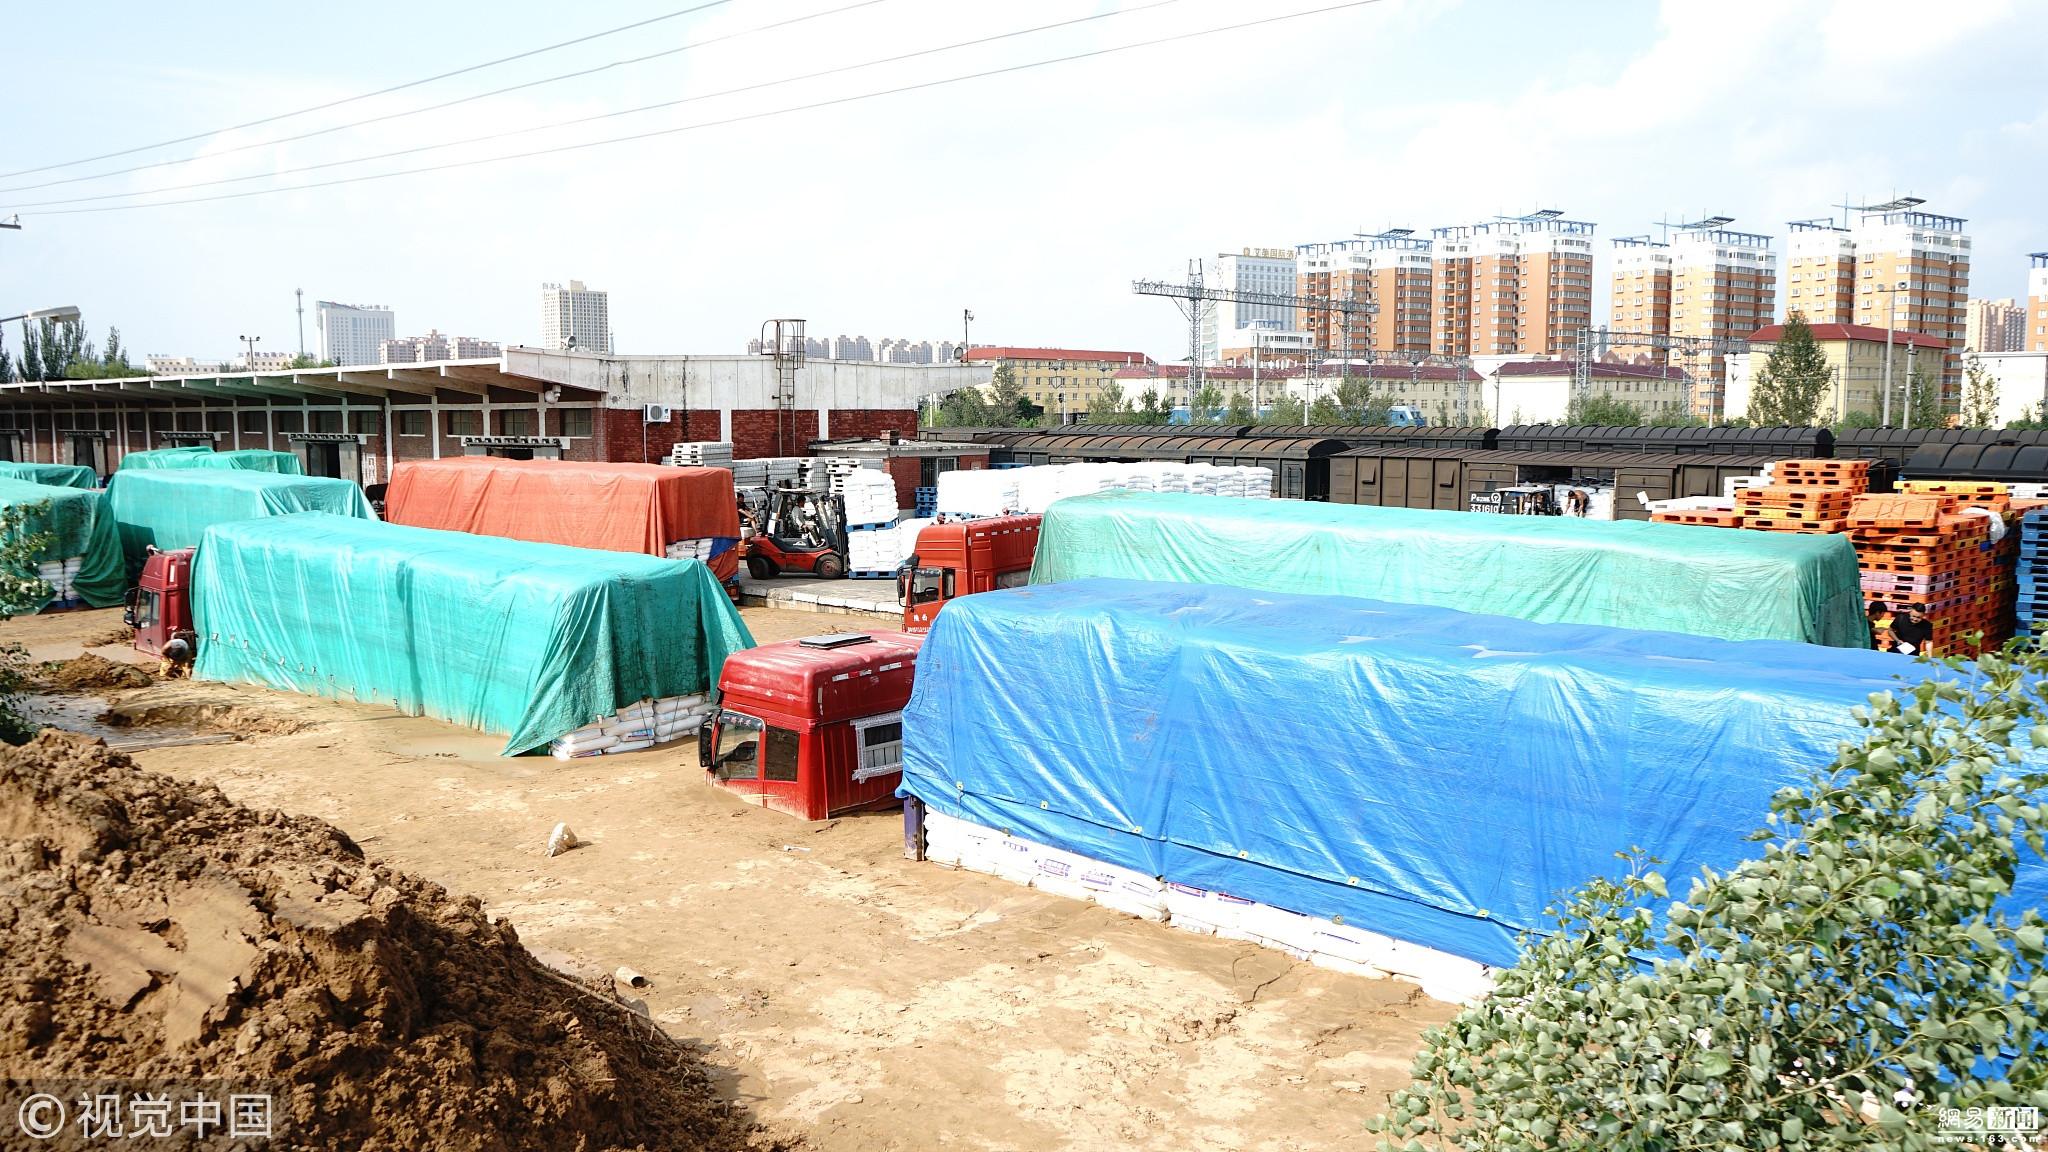 陕西榆林暴雨致城区内涝 货车被困淤泥中 - 长天秋水2 - 长天秋水 的博客